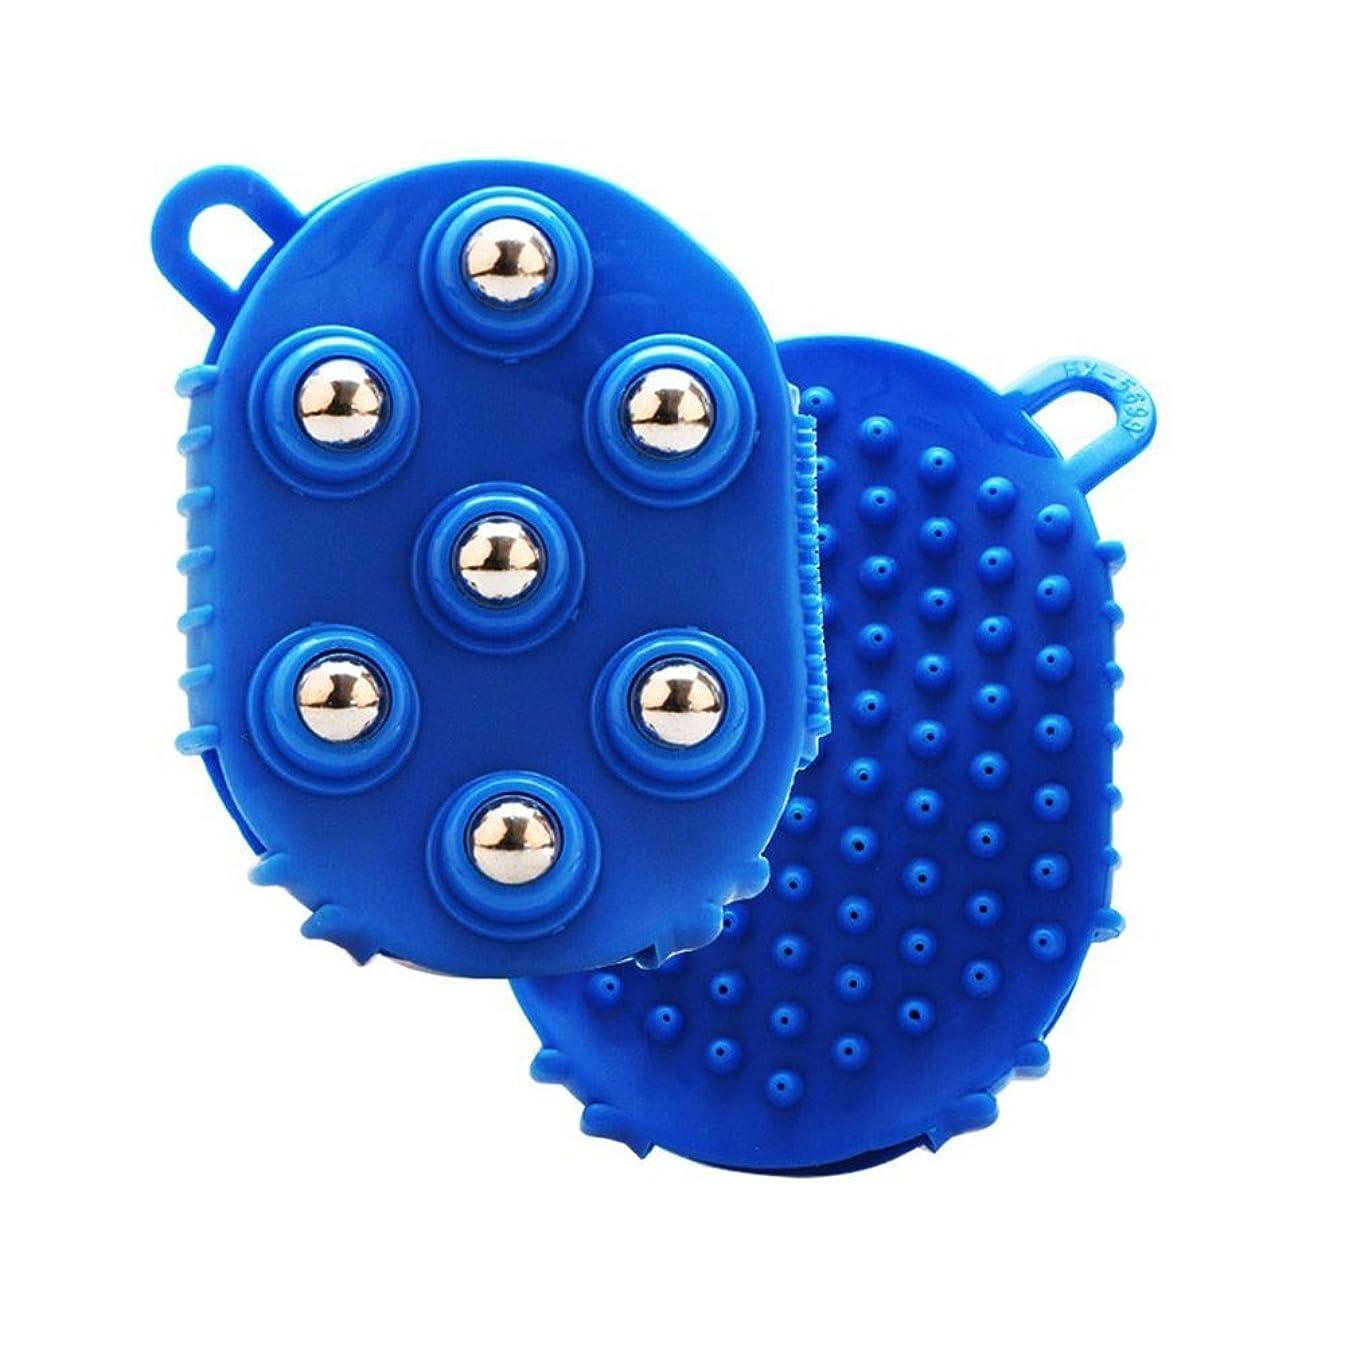 ほとんどの場合発信行為HEALLILY 手のひら型マッサージグローブマッサージバスブラシ7本付きメタルローラーボールハンドヘルドボディマッサージ用痛み筋肉筋肉痛セルライト(青)